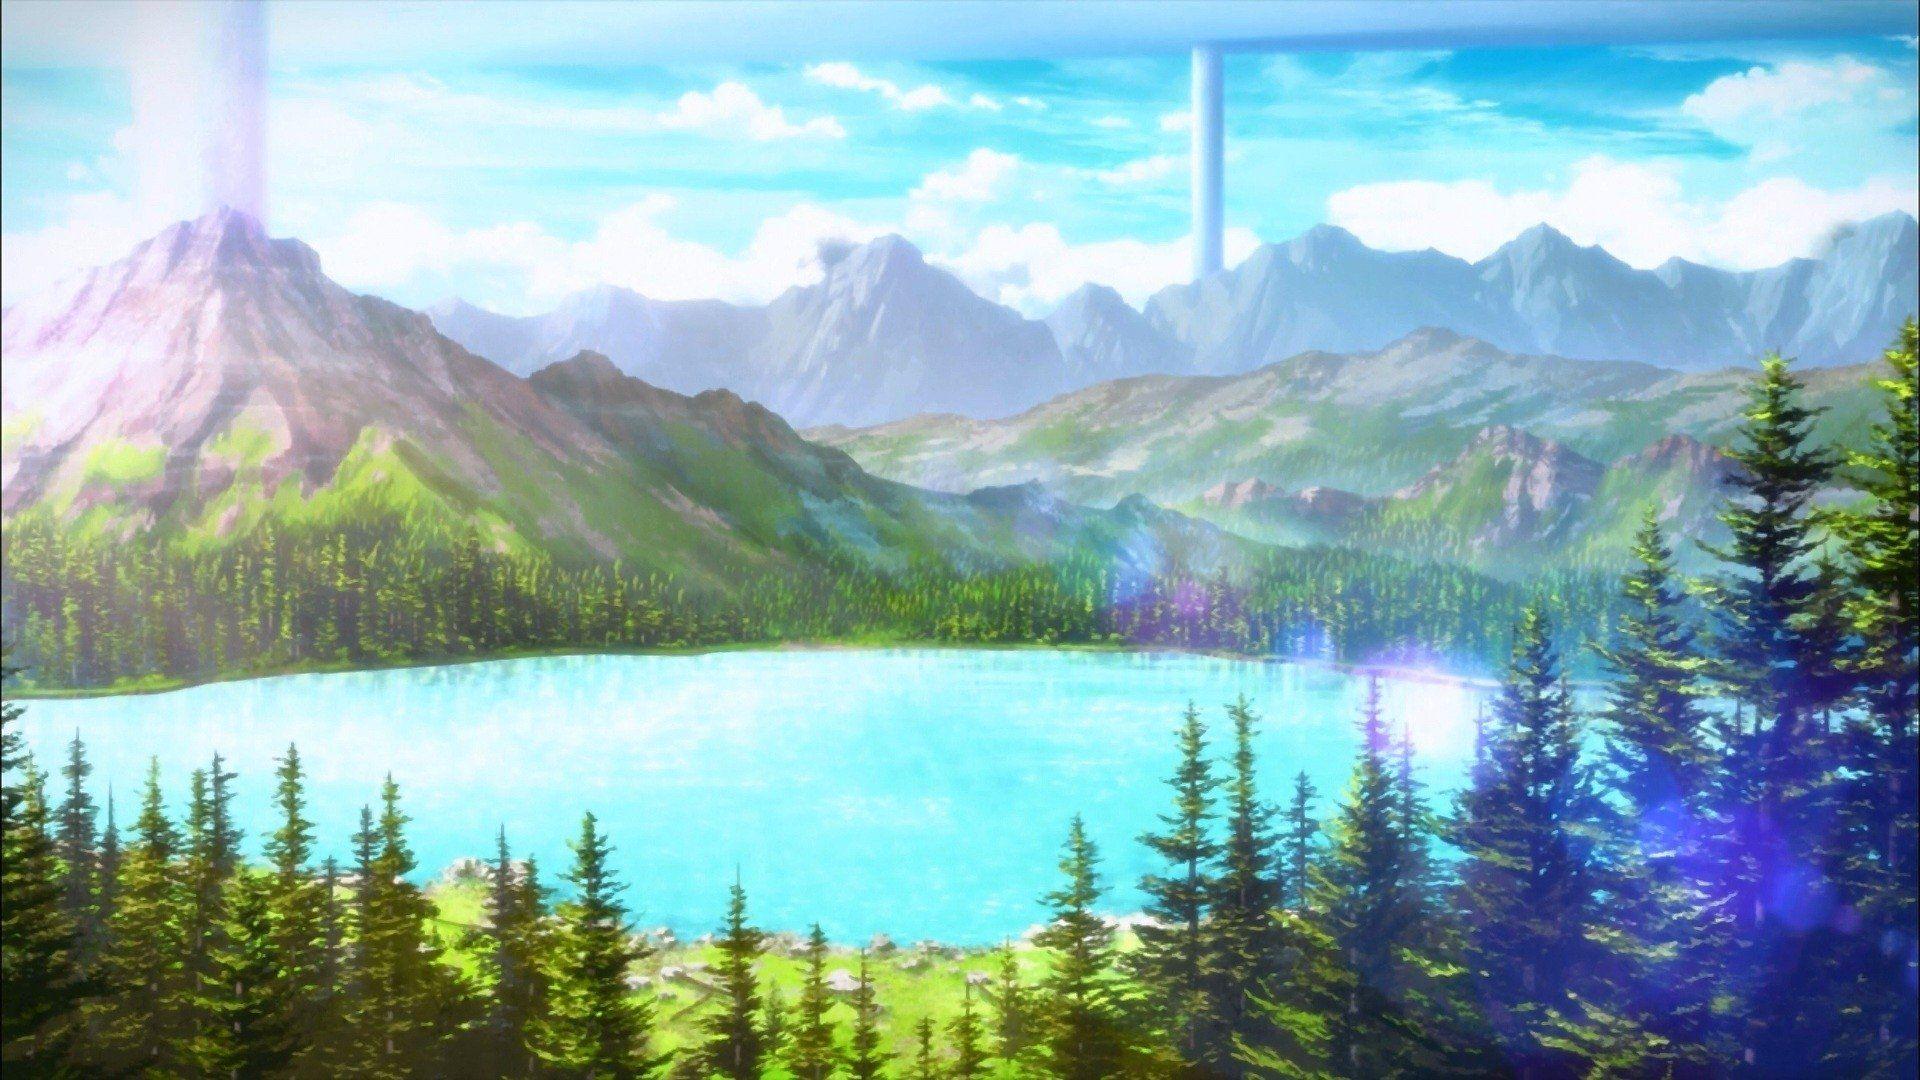 7 Aincrad (Sword Art Online) HD Wallpapers | Backgrounds